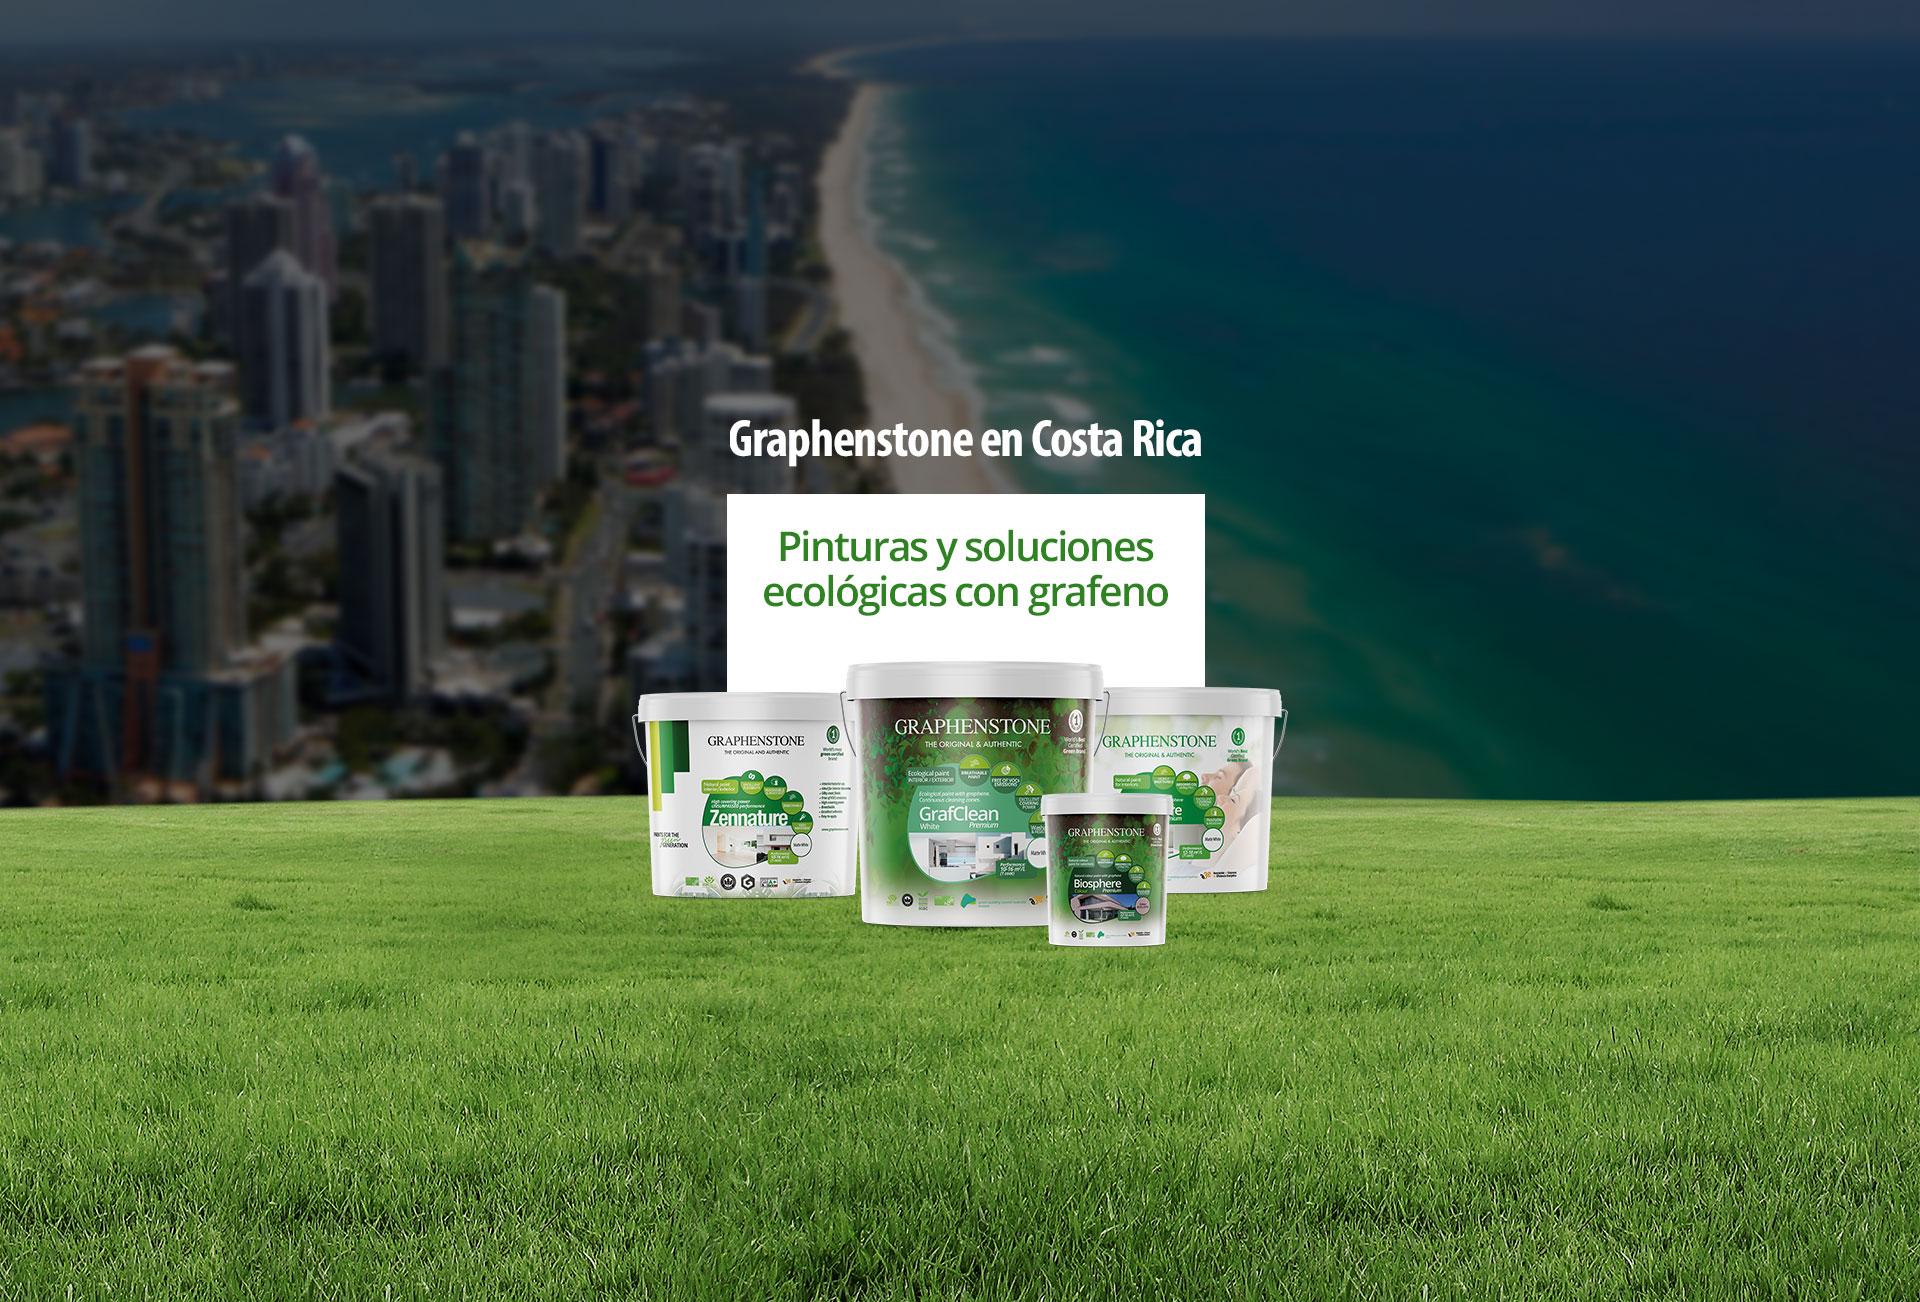 Productos Graphenstone en Costa Rica